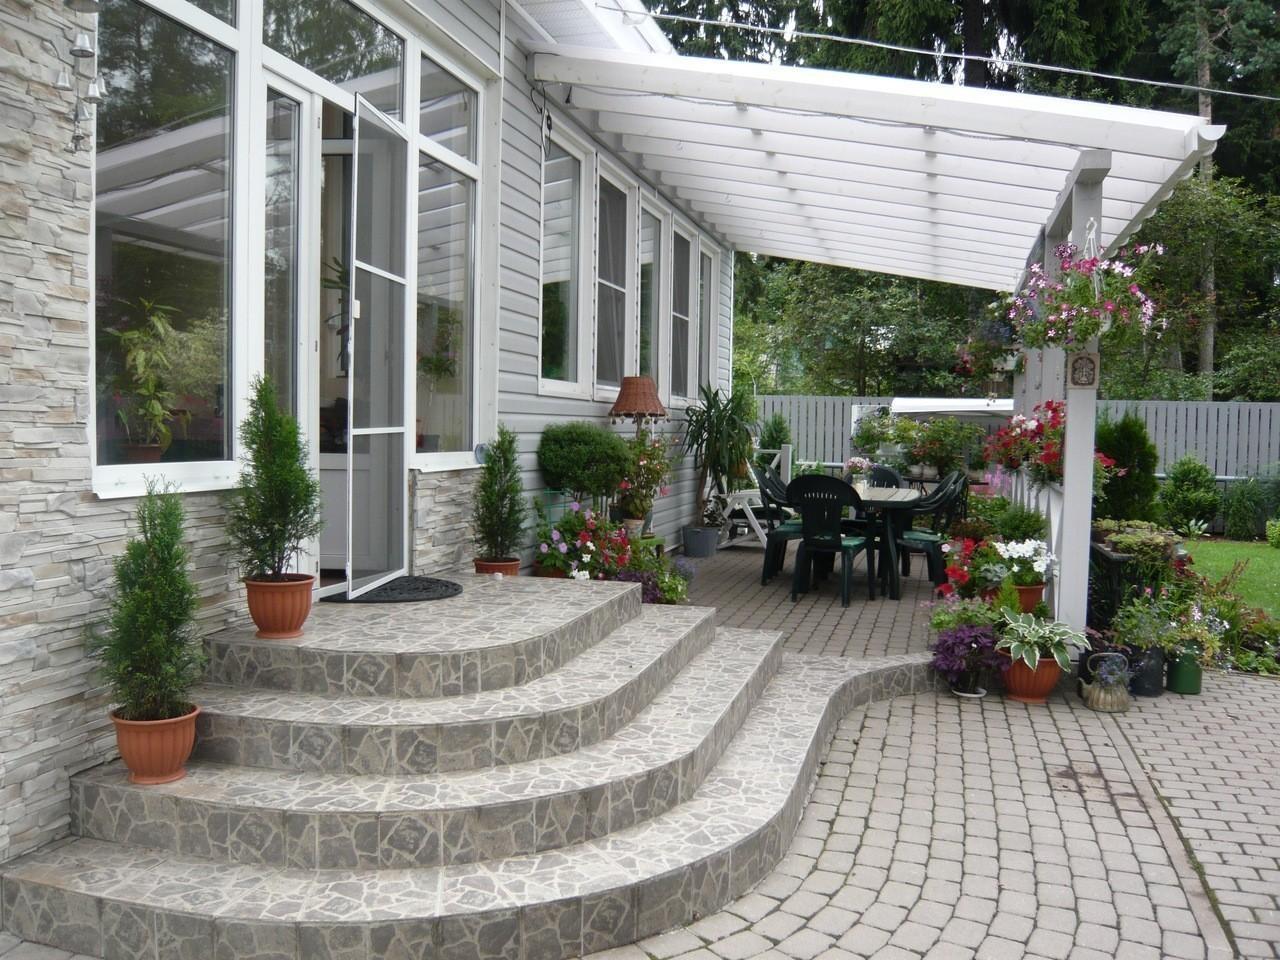 Зона отдыха в саду - выбираем свой стиль